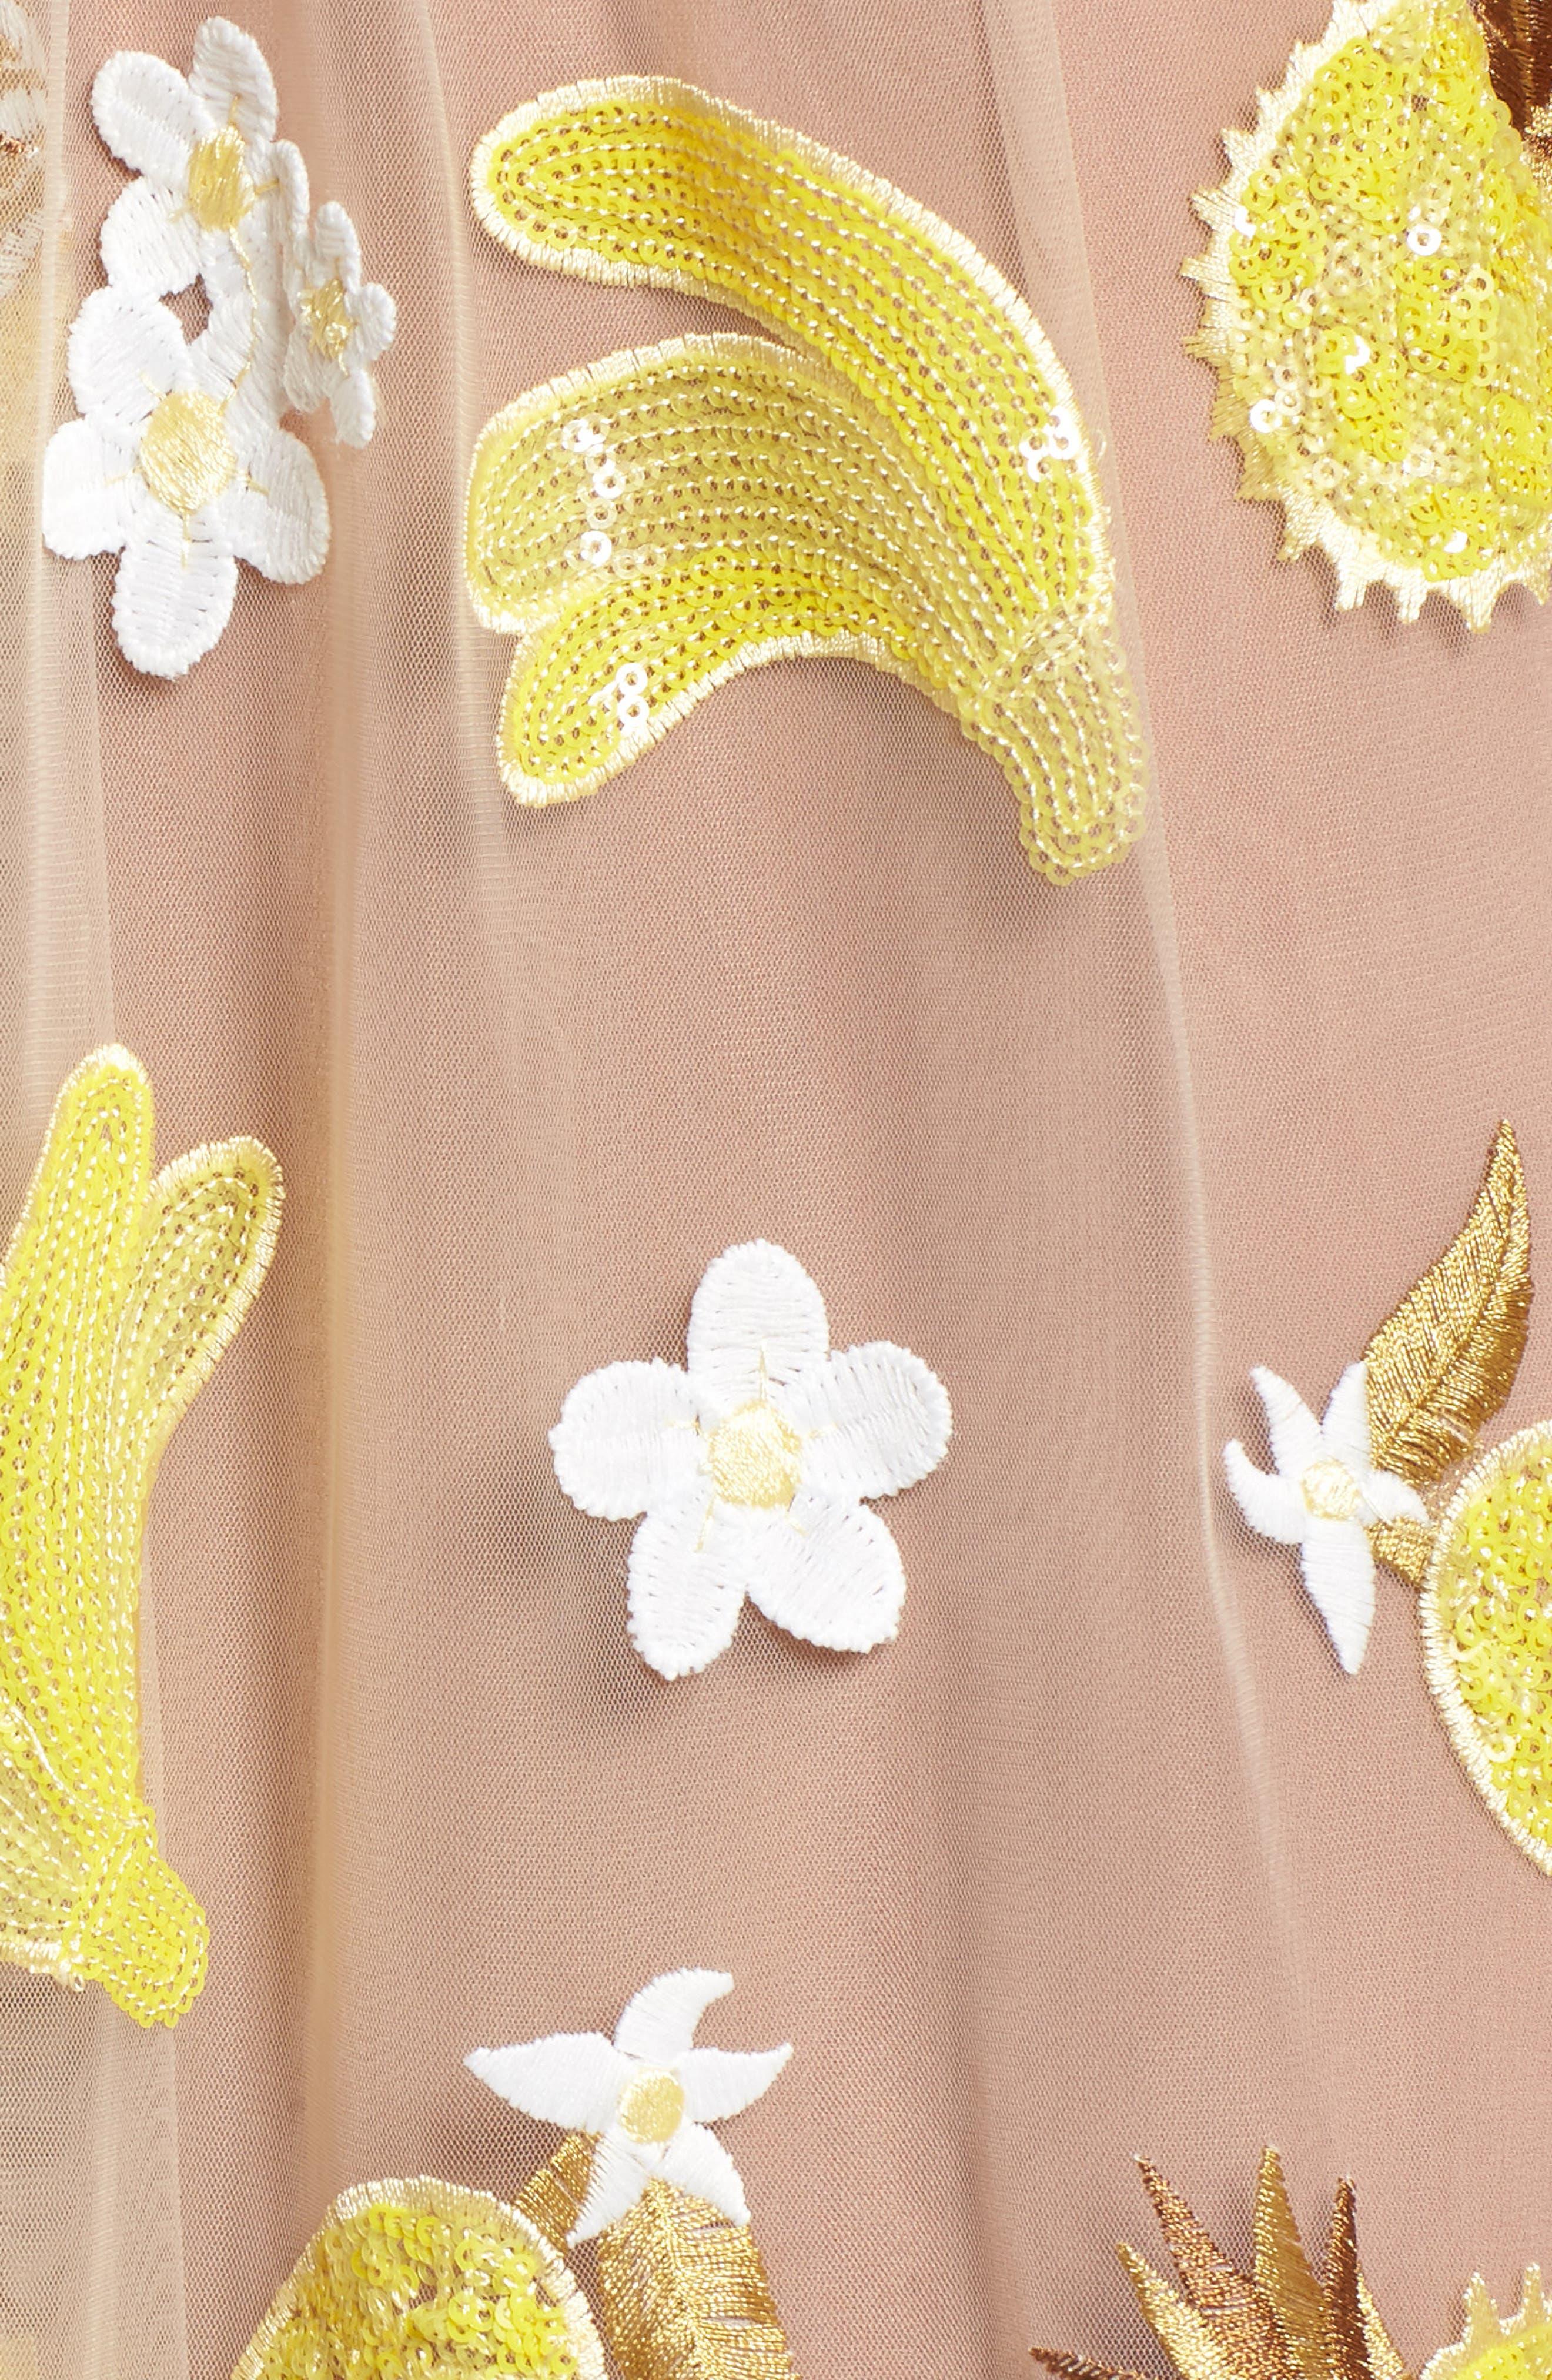 Fruitpunch Sequin Minidress,                             Alternate thumbnail 5, color,                             Pineapple